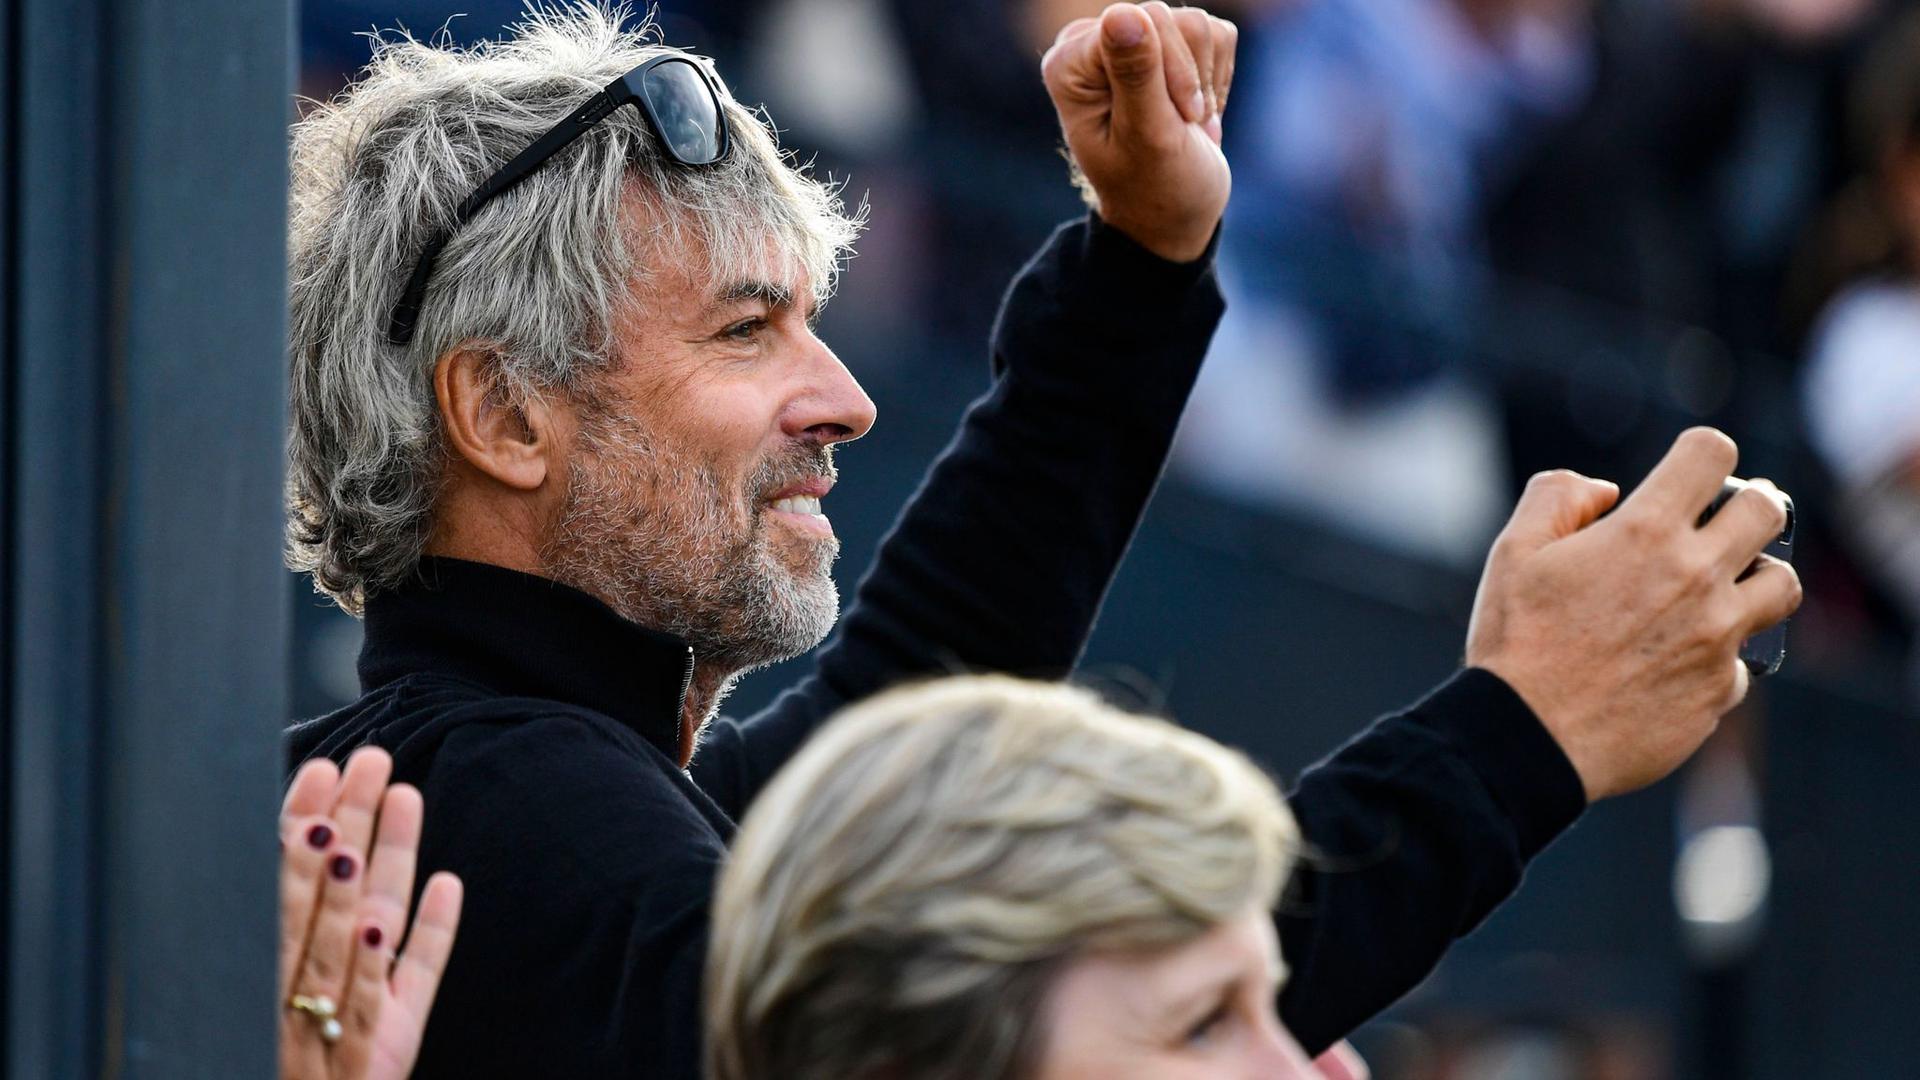 Der Milliardär Petr Kellner während des Pferdespringens CSIO Grand Prix in Prag. Kellner ist im Alter von 56 Jahren bei einem Hubschrauberabsturz ums Leben gekommen.